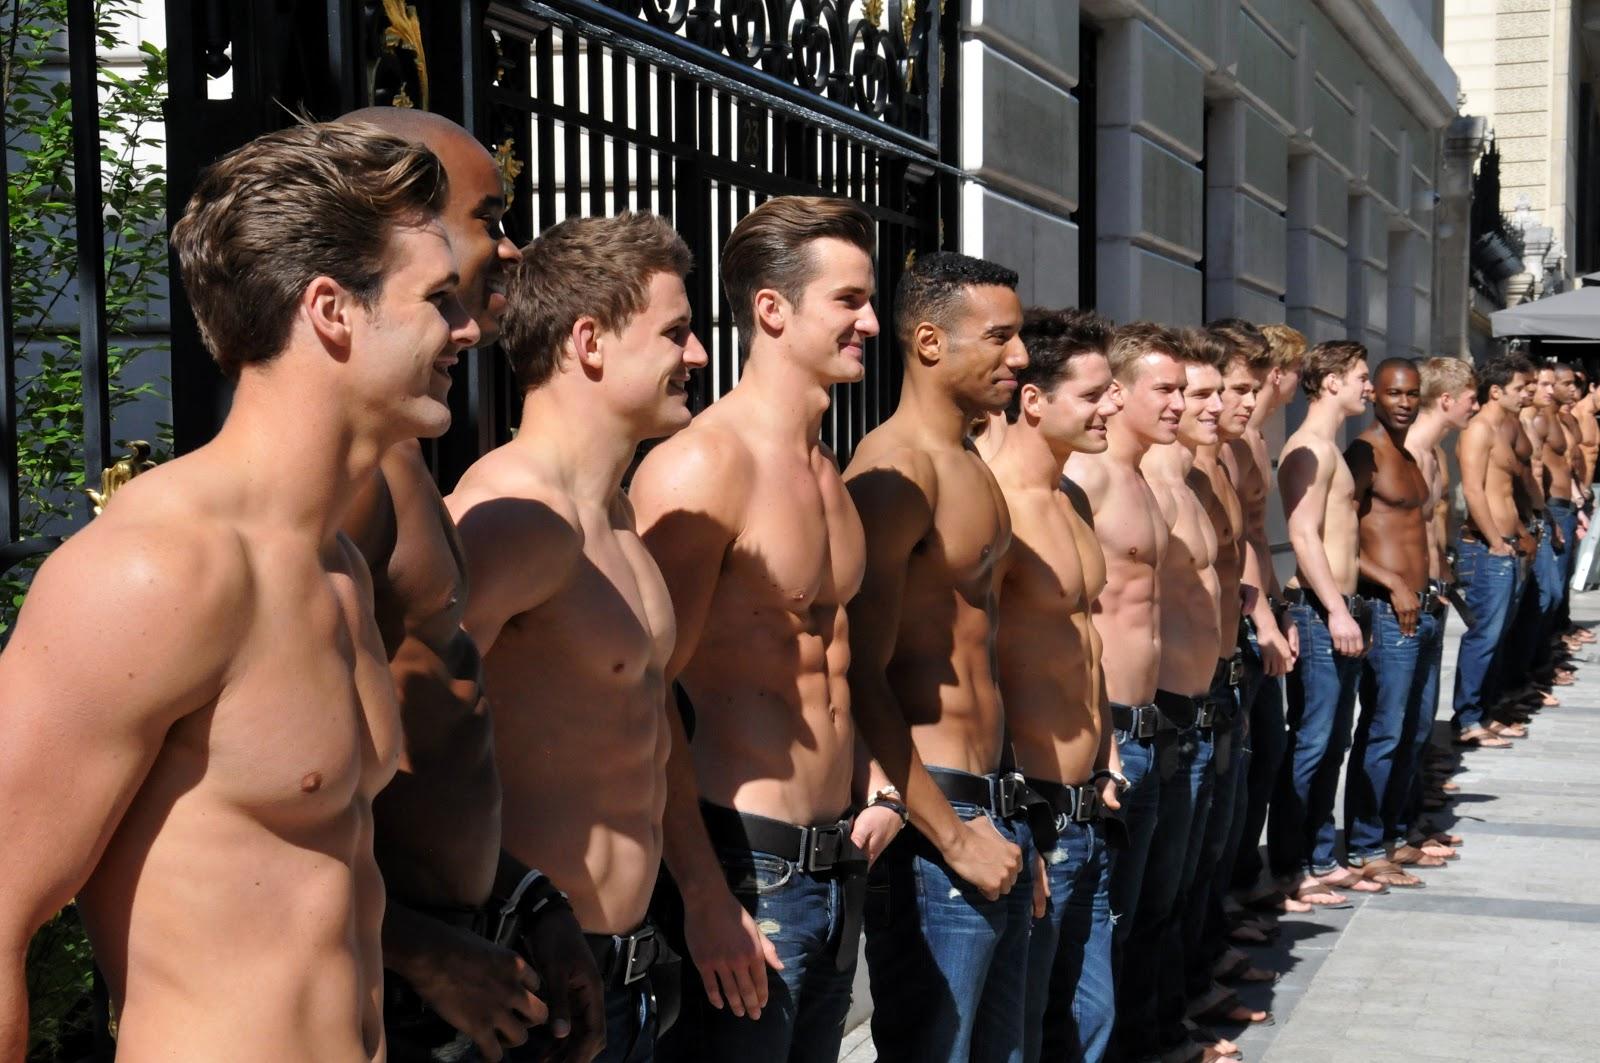 Юноши с длинным хуем, Большой Член у парней смотреть порно видео онлайн 12 фотография